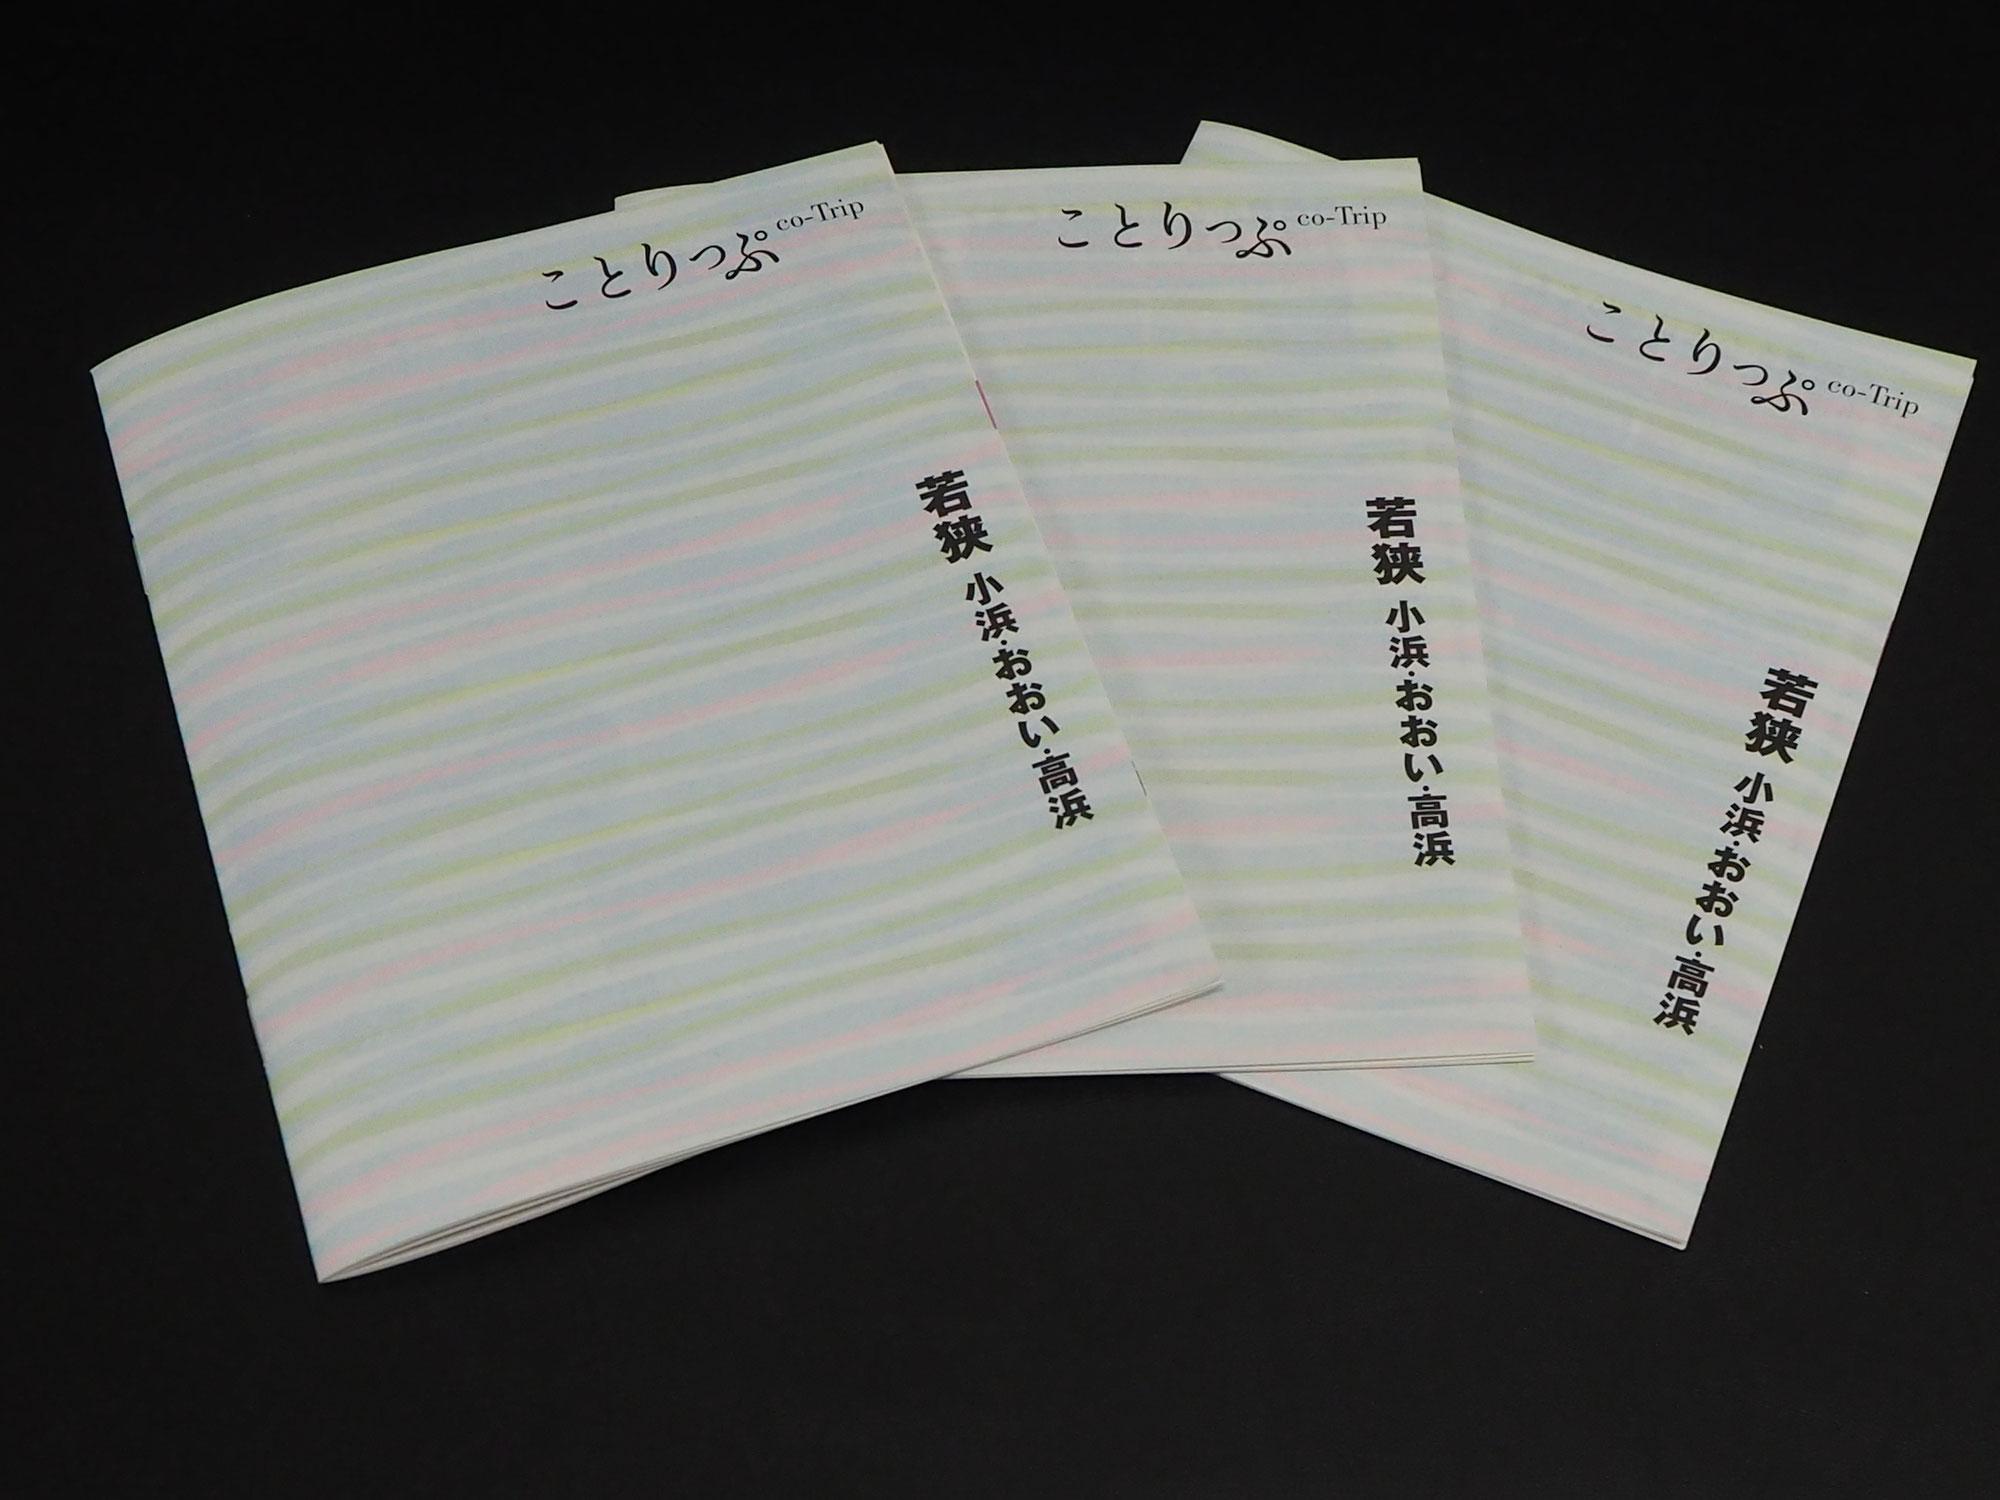 ことりっぷ 若狭 小浜・おおい・高浜版 アプリに登場!